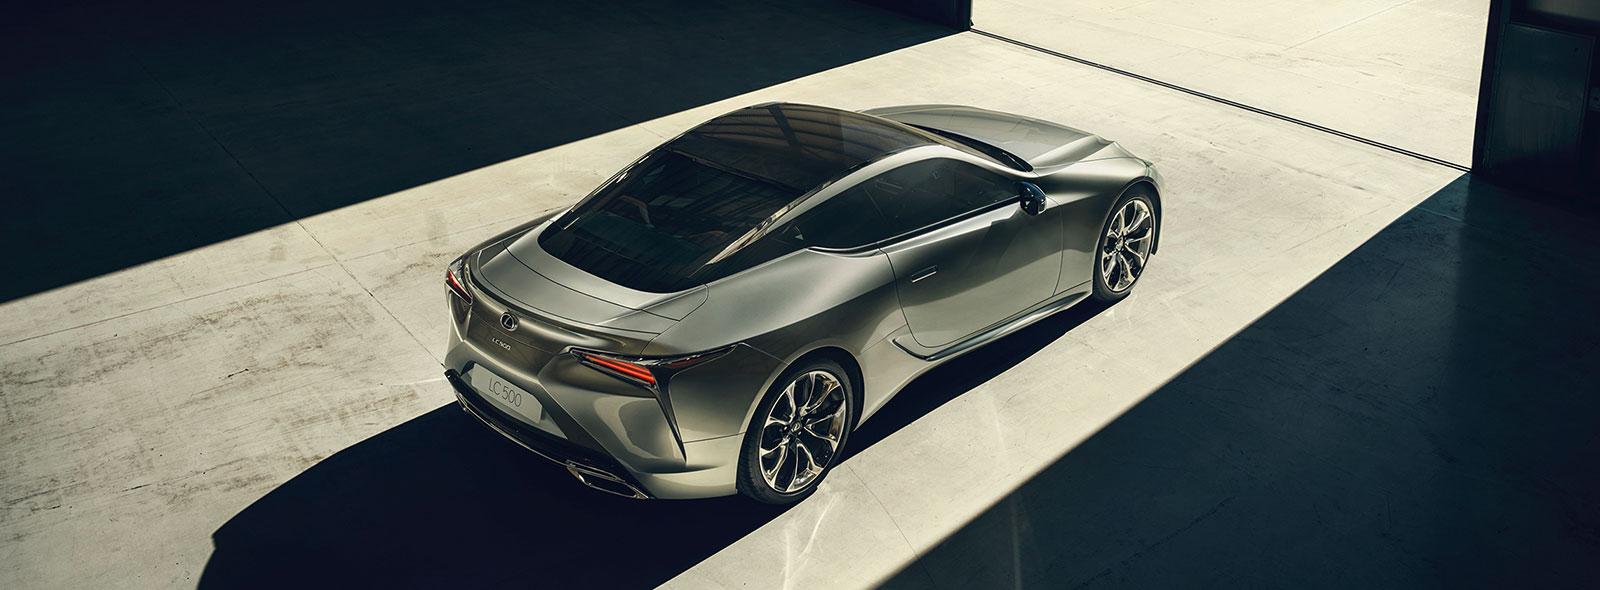 Bovenkant van een grijze Lexus LC 500